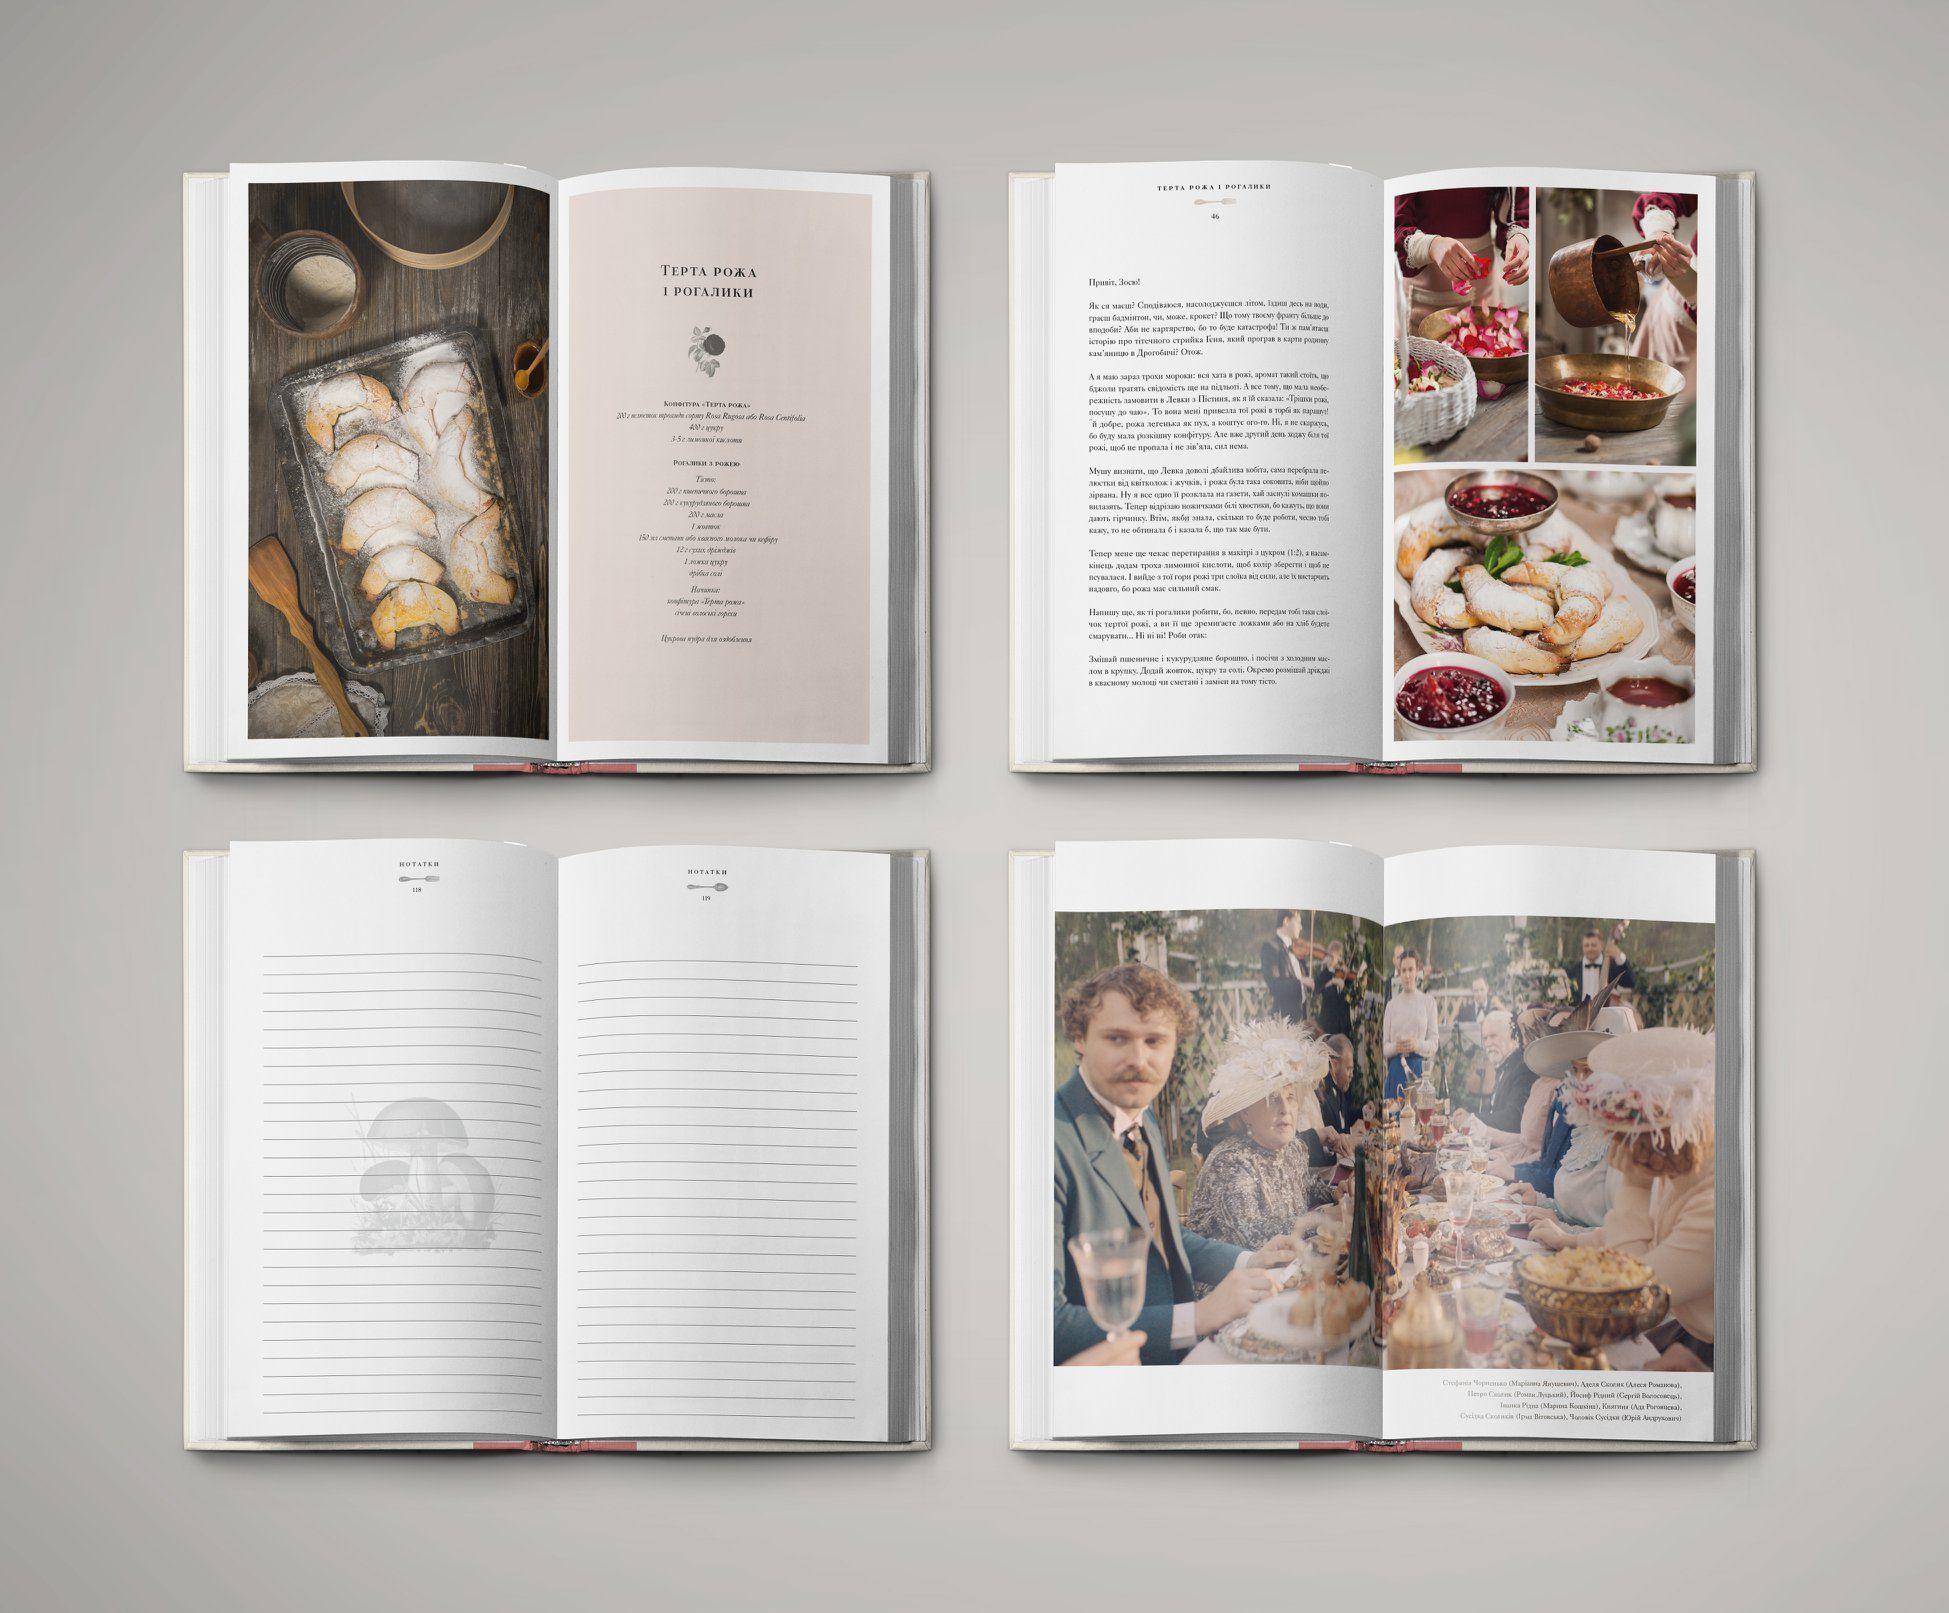 Кулінарний записник «Галицькі смаколики» ВСЛ 2019, роман Софії Андрухович Фелікс Австрія